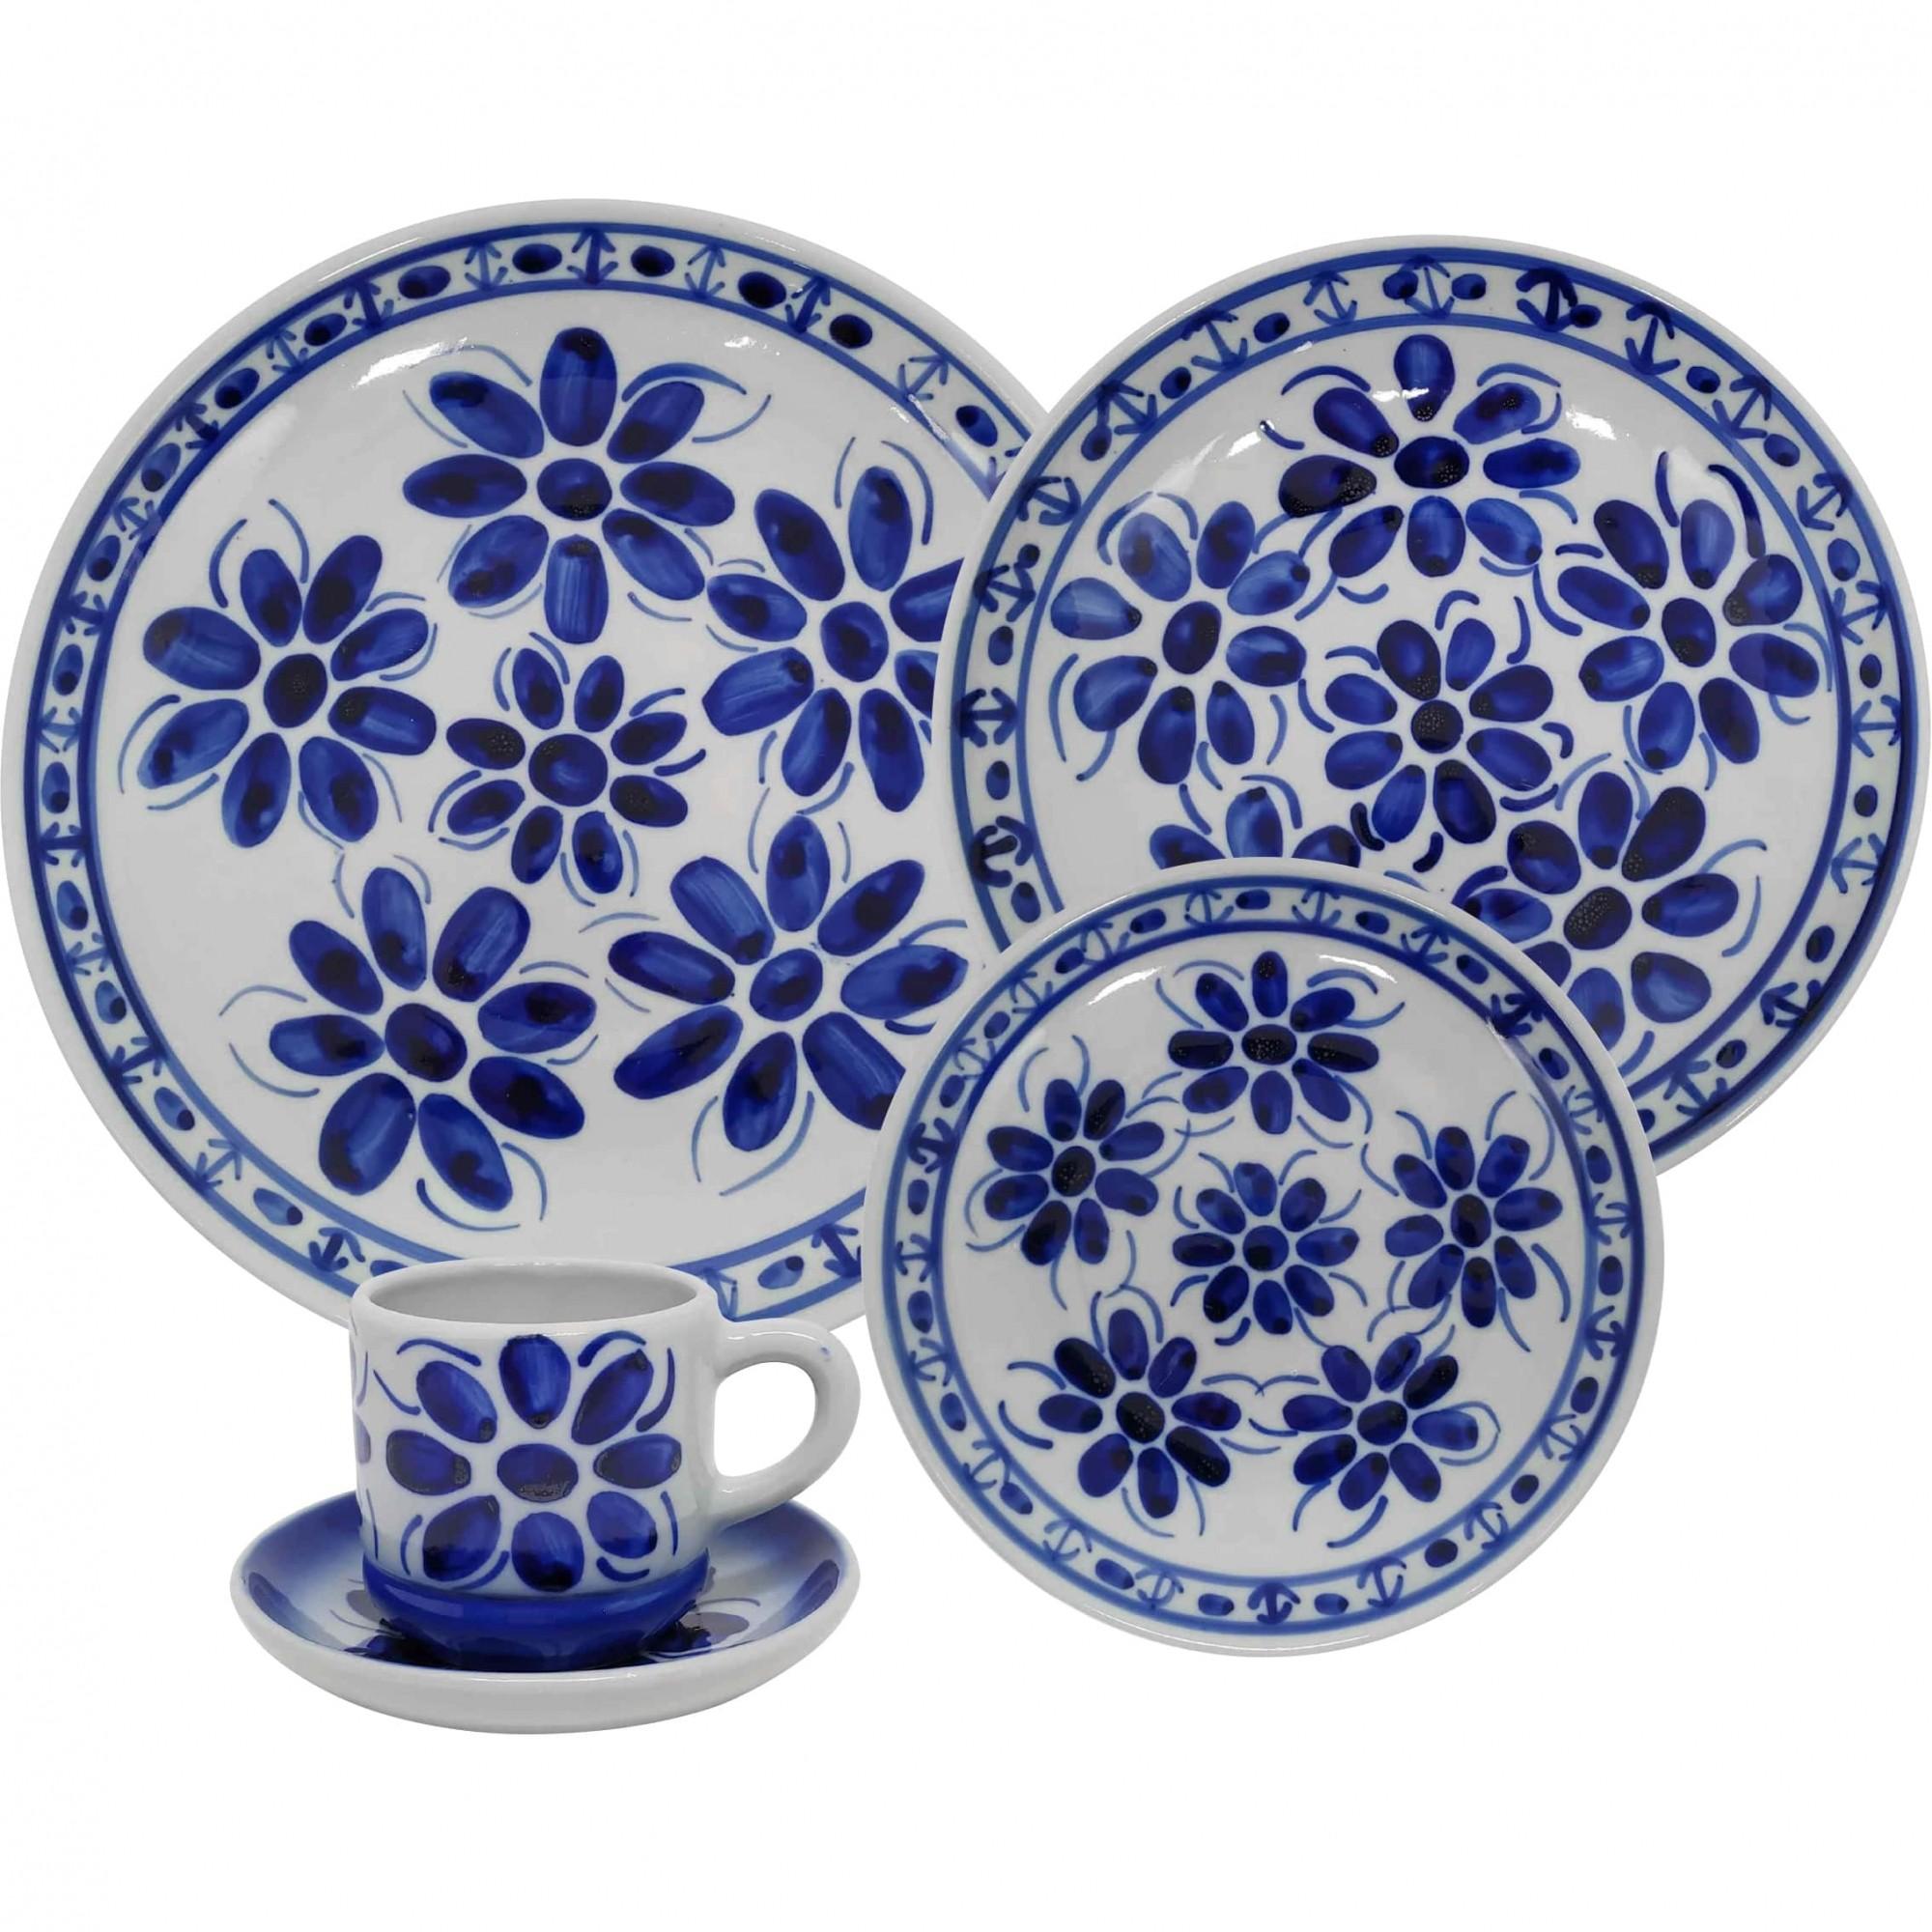 Aparelho de Jantar em Porcelana Azul Colonial